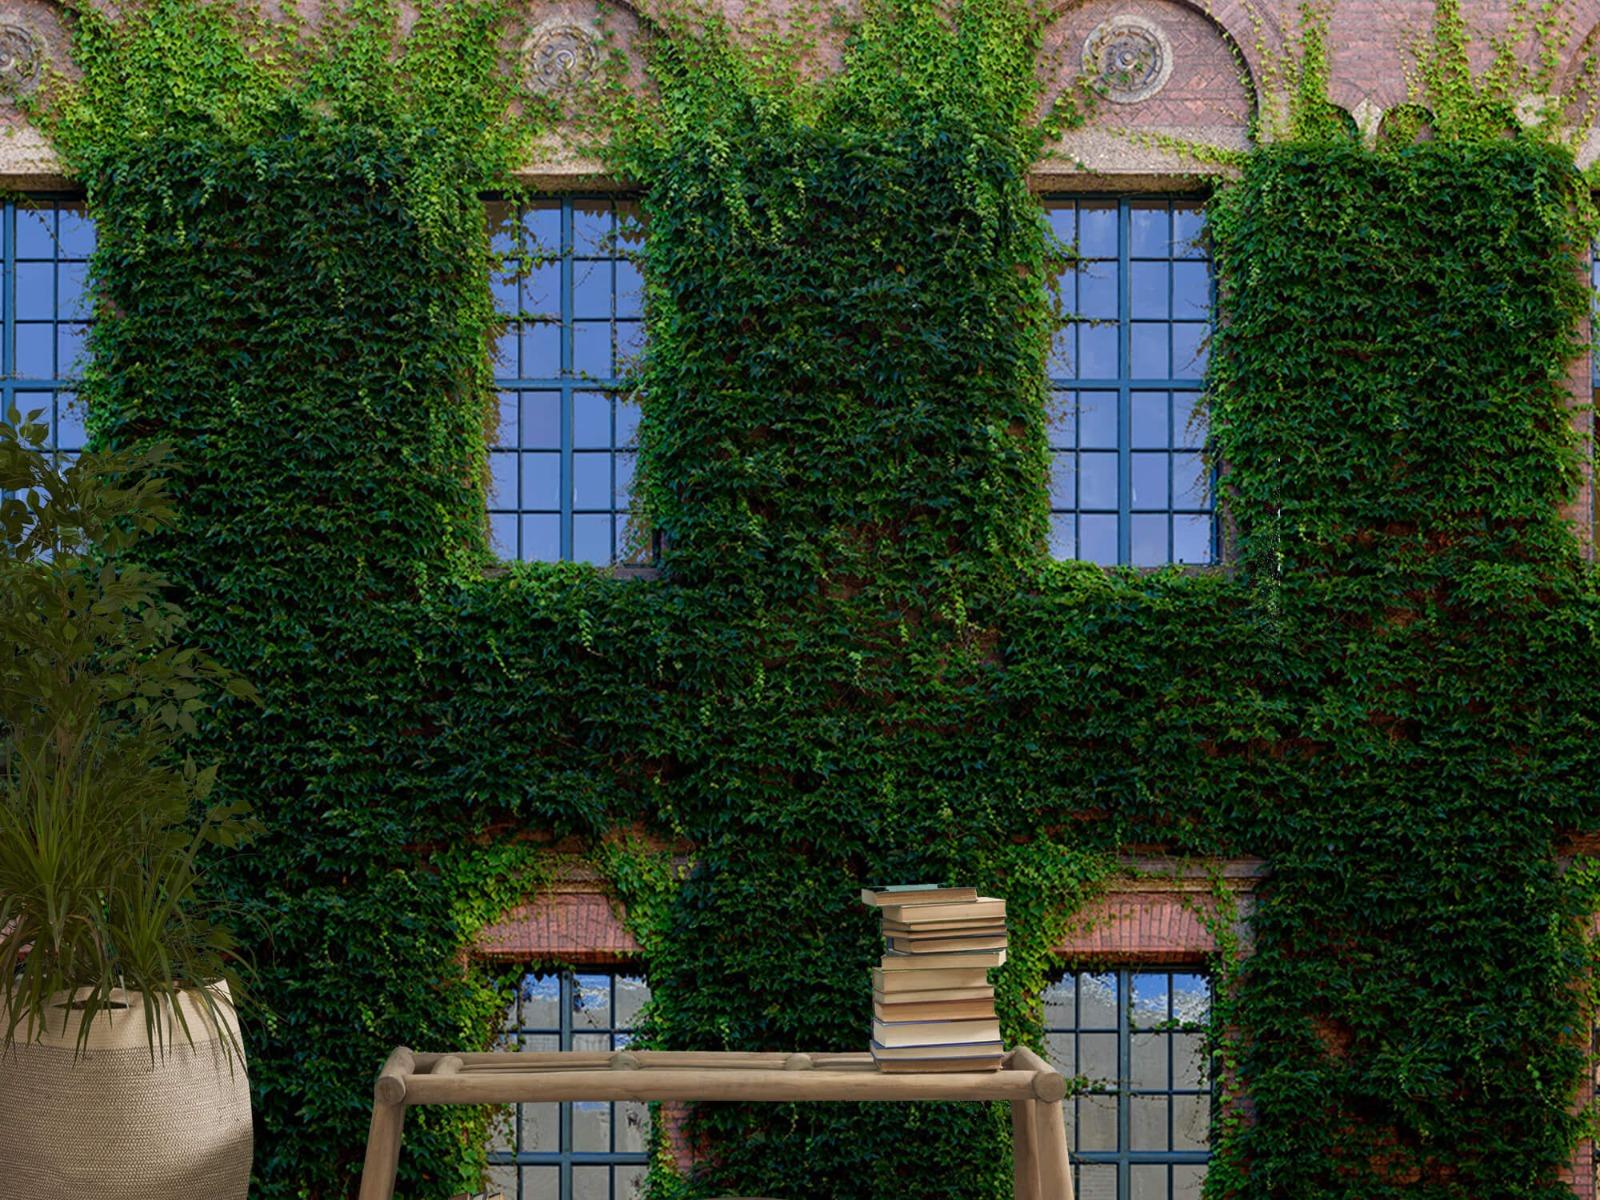 Gebouwen - Klimop op een muur - Woonkamer 20